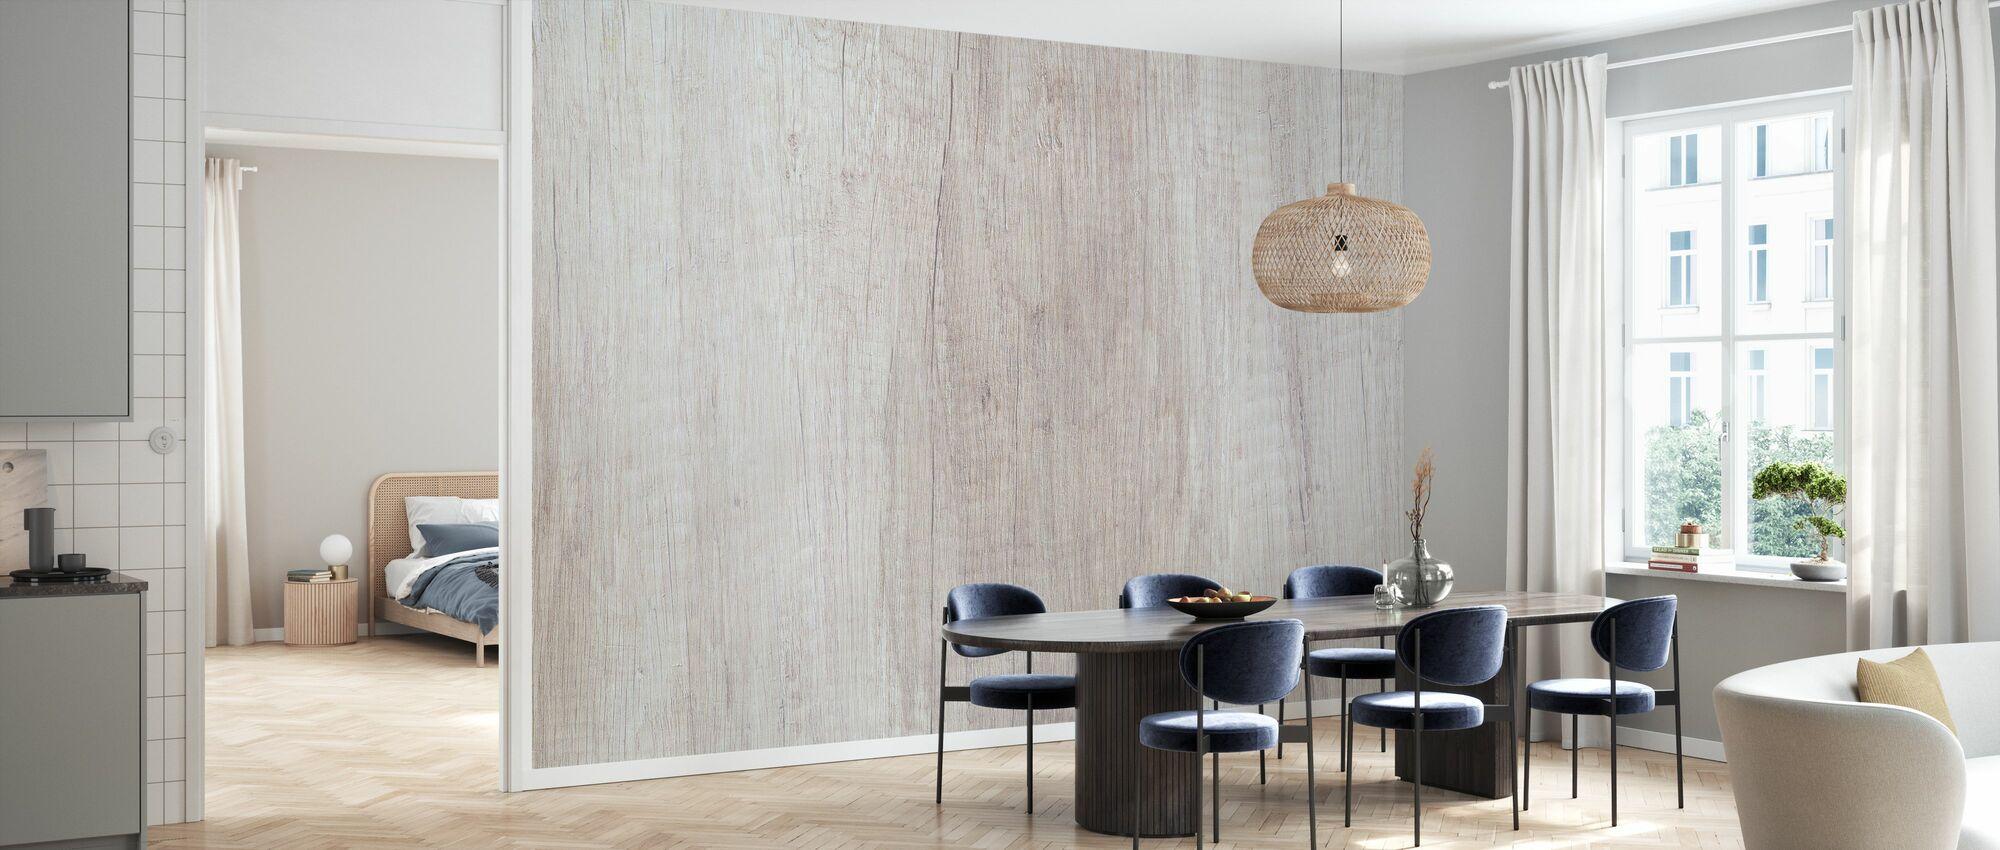 Rustikt træ - Tapet - Køkken